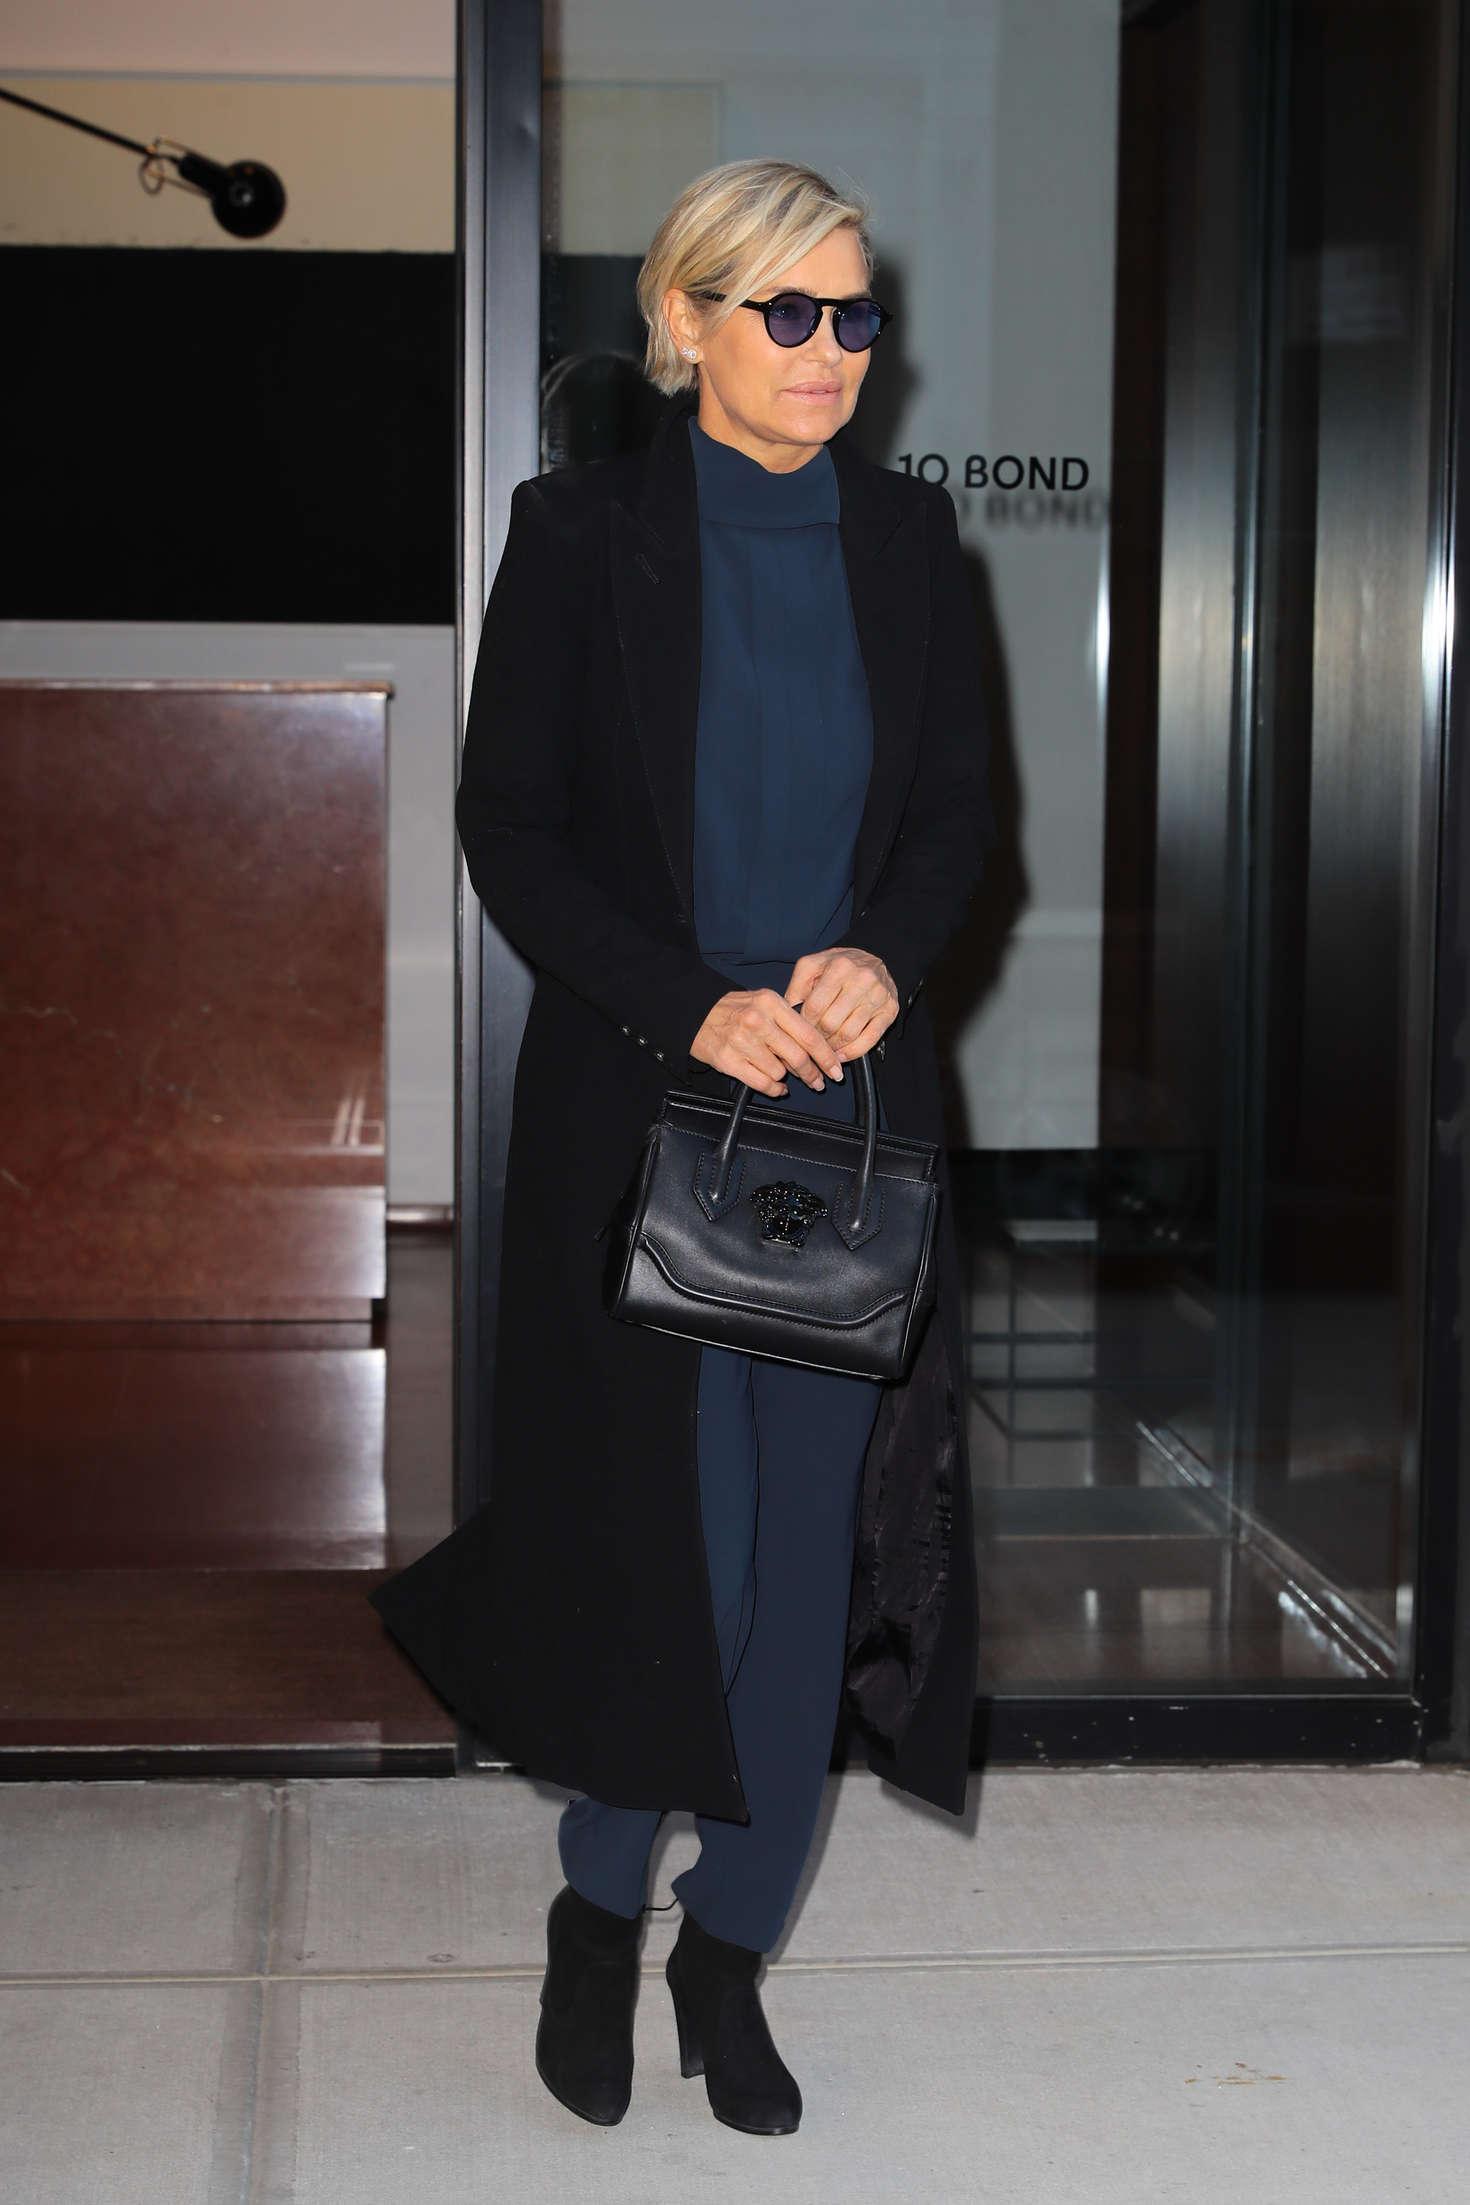 Yolanda Hadid 2016 : Yolanda Hadid Leaves home in New York -01